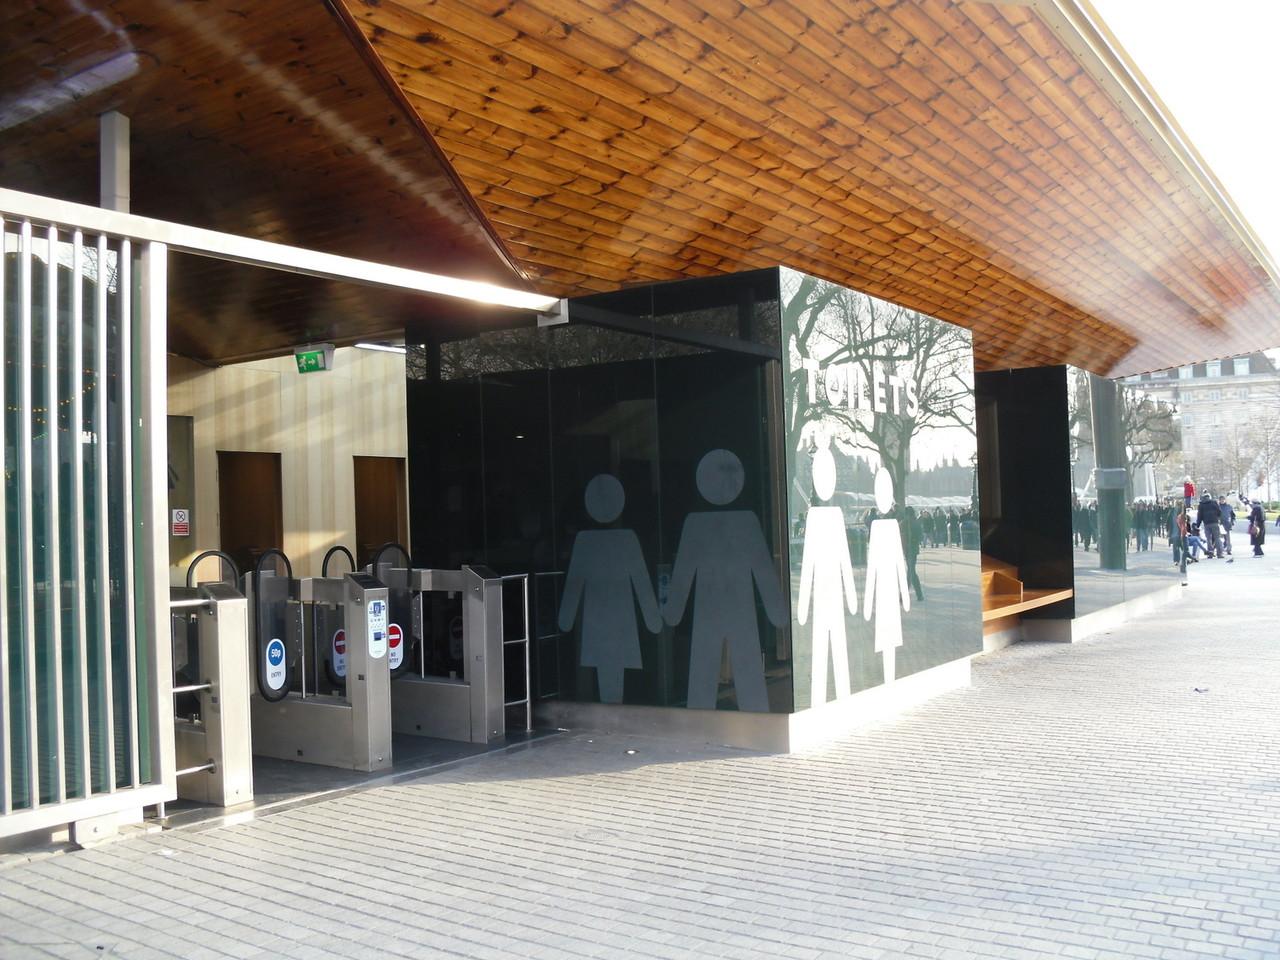 フェスティバルホールからロンドン・アイまでのサウス・バンク散歩道11